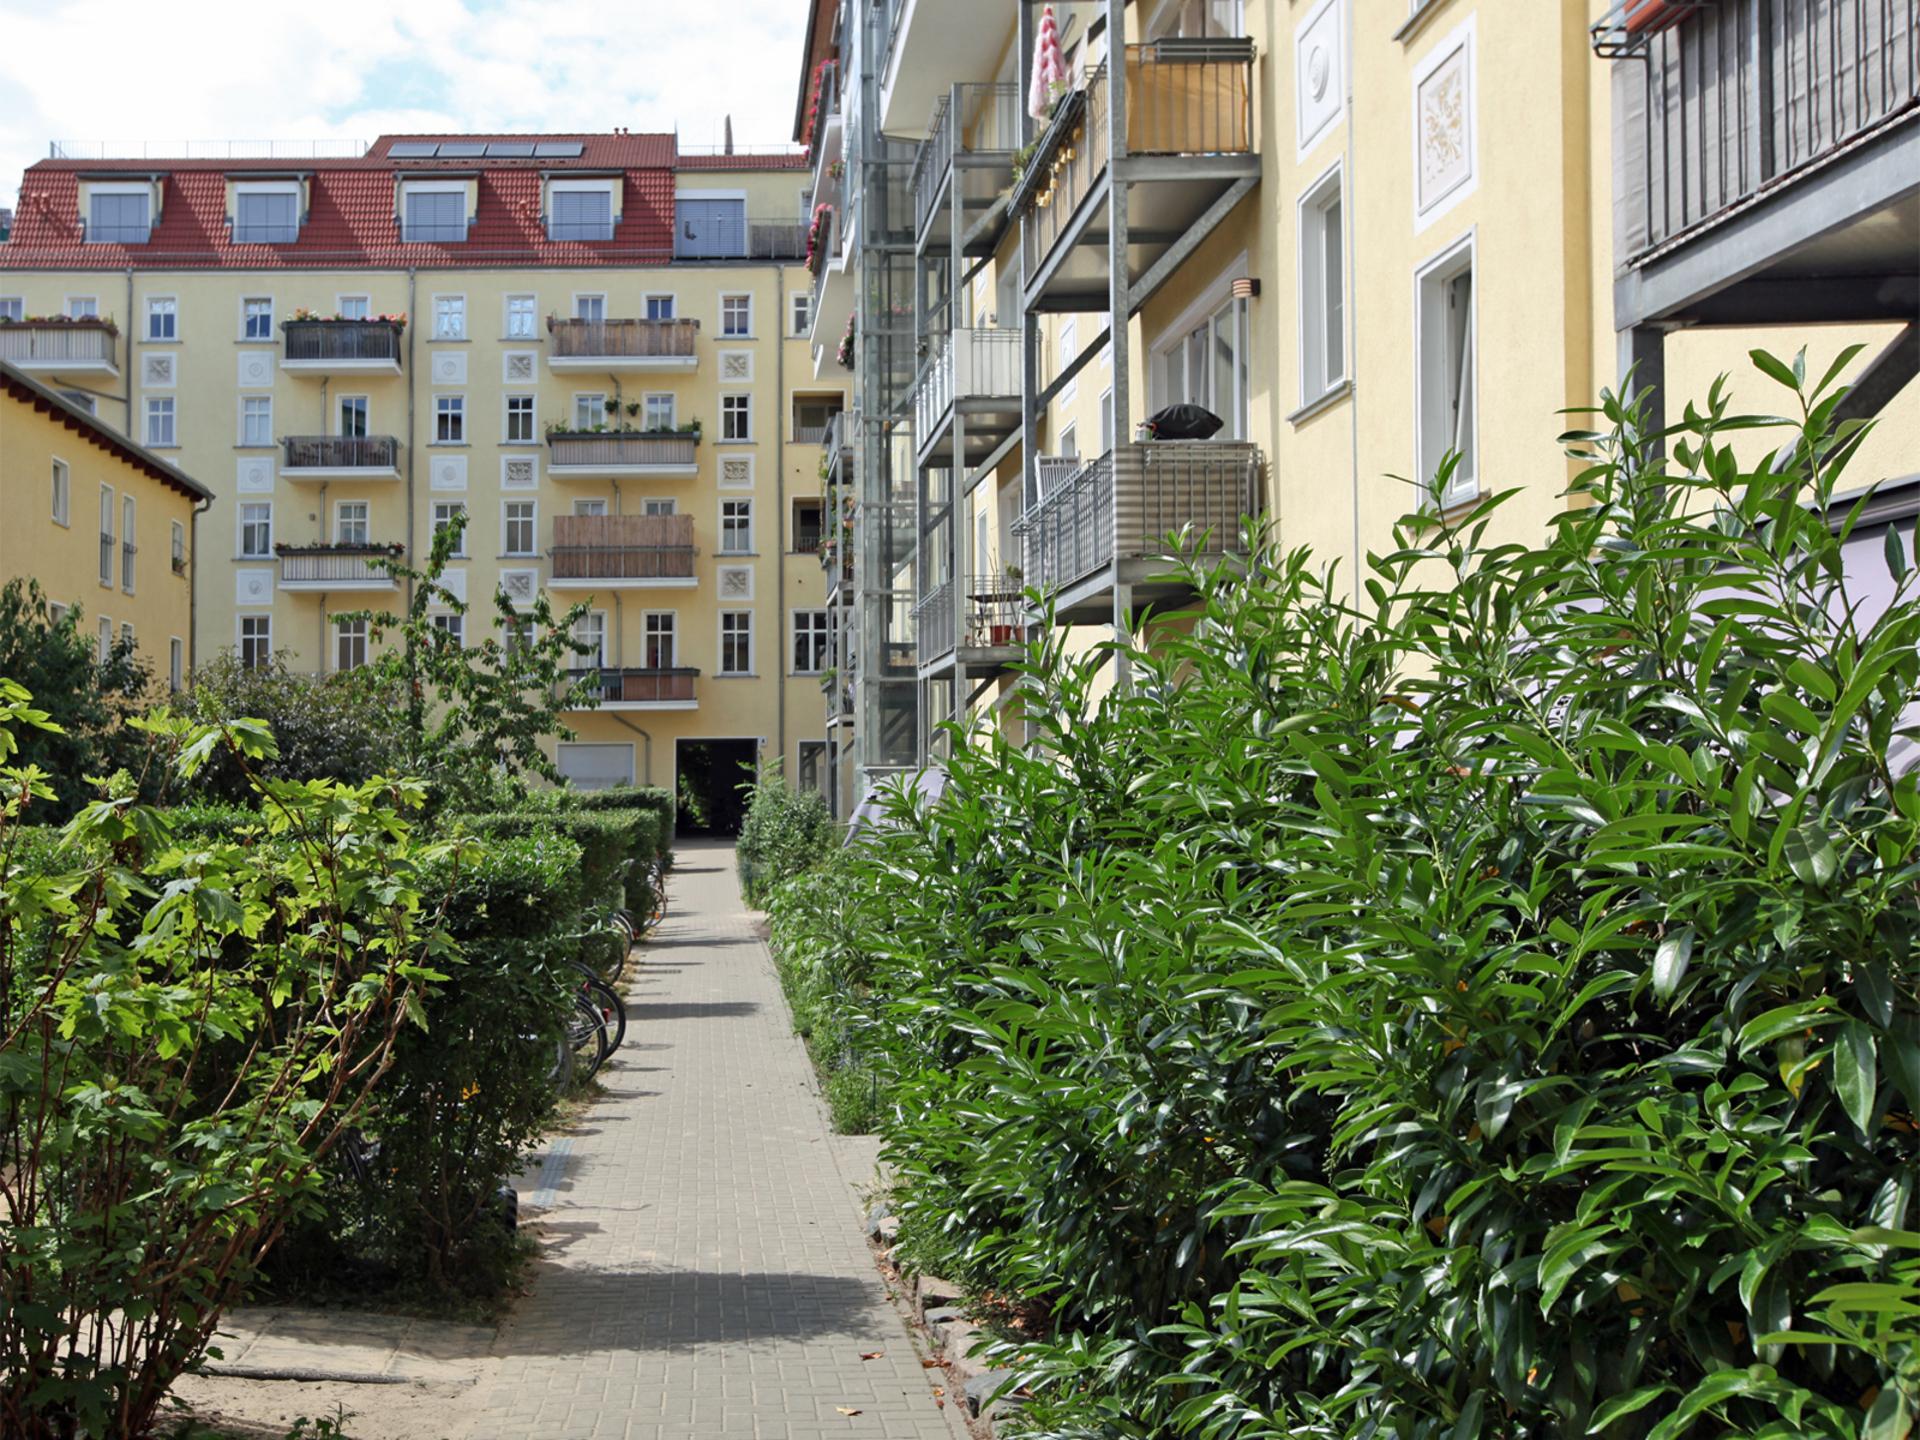 Gebäudeensemble und Hofgestaltung | Greifswalder Straße